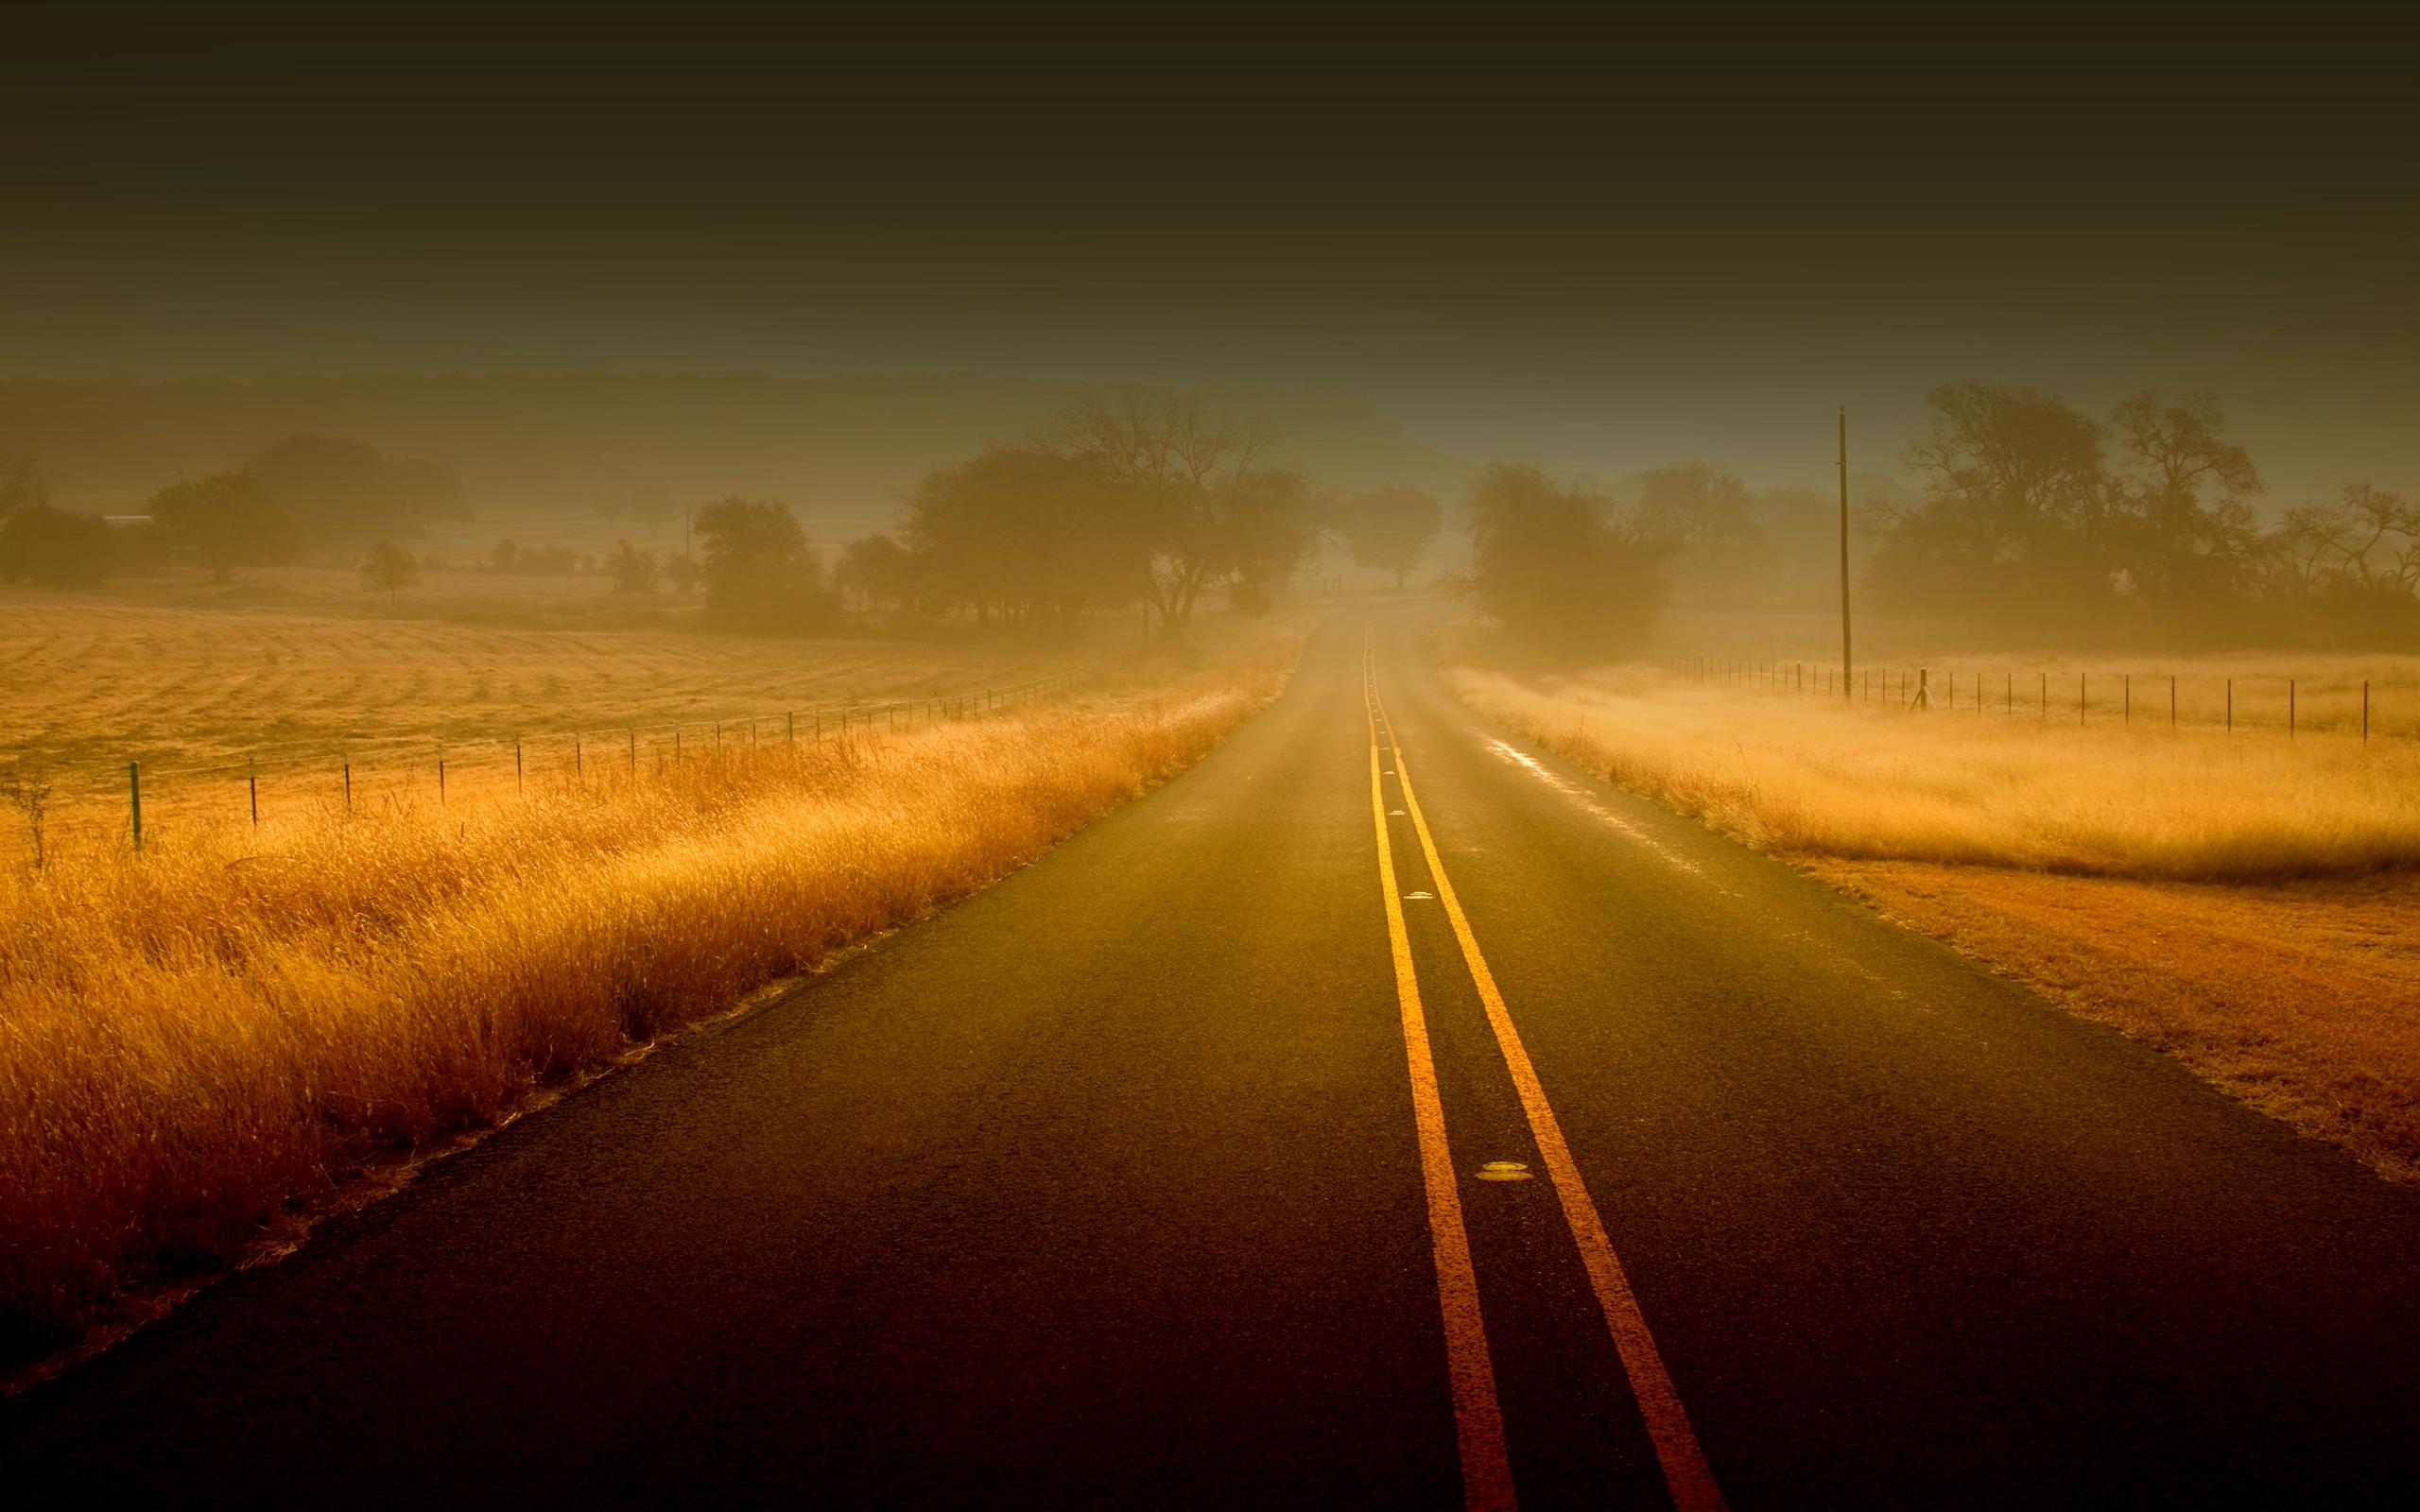 wallpaper road adnfriki (10)